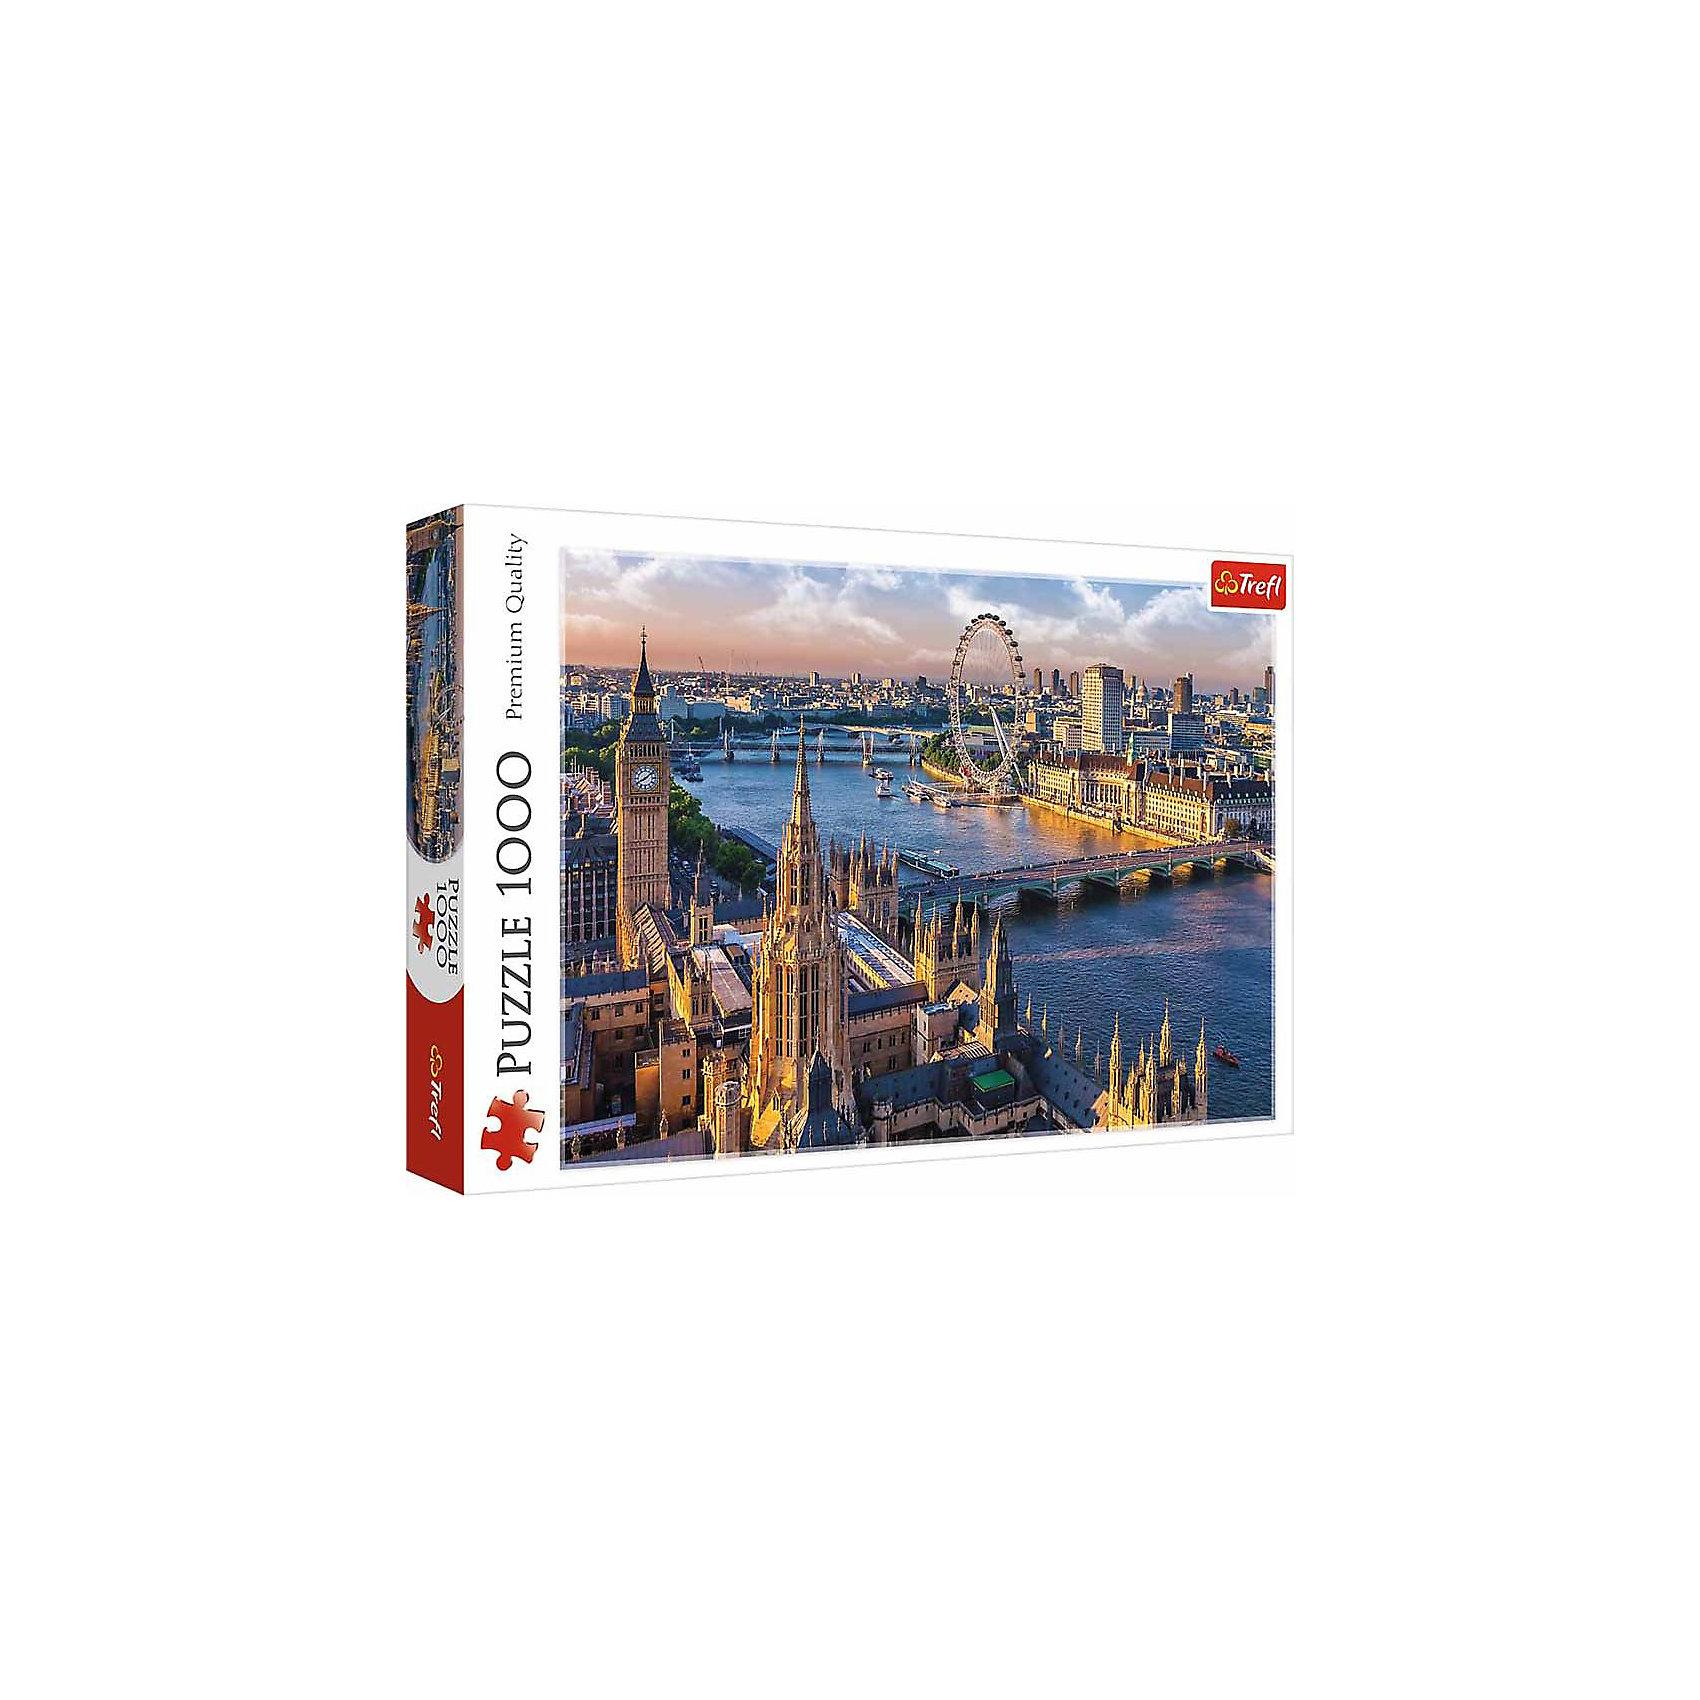 Пазлы Trefl Лондон, 1000 деталейПазлы для детей постарше<br>Очутитесь в Англии вместе с пазлом Лондон от знаменитого бренда Trefl! Очень красочная и насыщенная картинка, на которой изображены башни Биг Бен на фоне Тауэрского моста, окруженного Лондонскими домами, парк развлечений с колесом обозрения. Конечно же тут не обошлось без реки с ее многочисленными лодками. Собрав эту картинку, можно будет украсить ей стену как дома, так и на даче. Если вы задумались о подарке друзьям, то пазл Лондон на рассвете это просто отличный вариант! Ведь собирать пазлы можно как одному, так и в компании друзей. Детали изготовлены из очень качественного картона с антибликовым покрытием. <br>Изображение включает в себя 1000 элементов. <br>Рекомендуемый возраст: от 12 лет.<br><br>Ширина мм: 400<br>Глубина мм: 270<br>Высота мм: 60<br>Вес г: 850<br>Возраст от месяцев: 36<br>Возраст до месяцев: 120<br>Пол: Унисекс<br>Возраст: Детский<br>SKU: 7126315